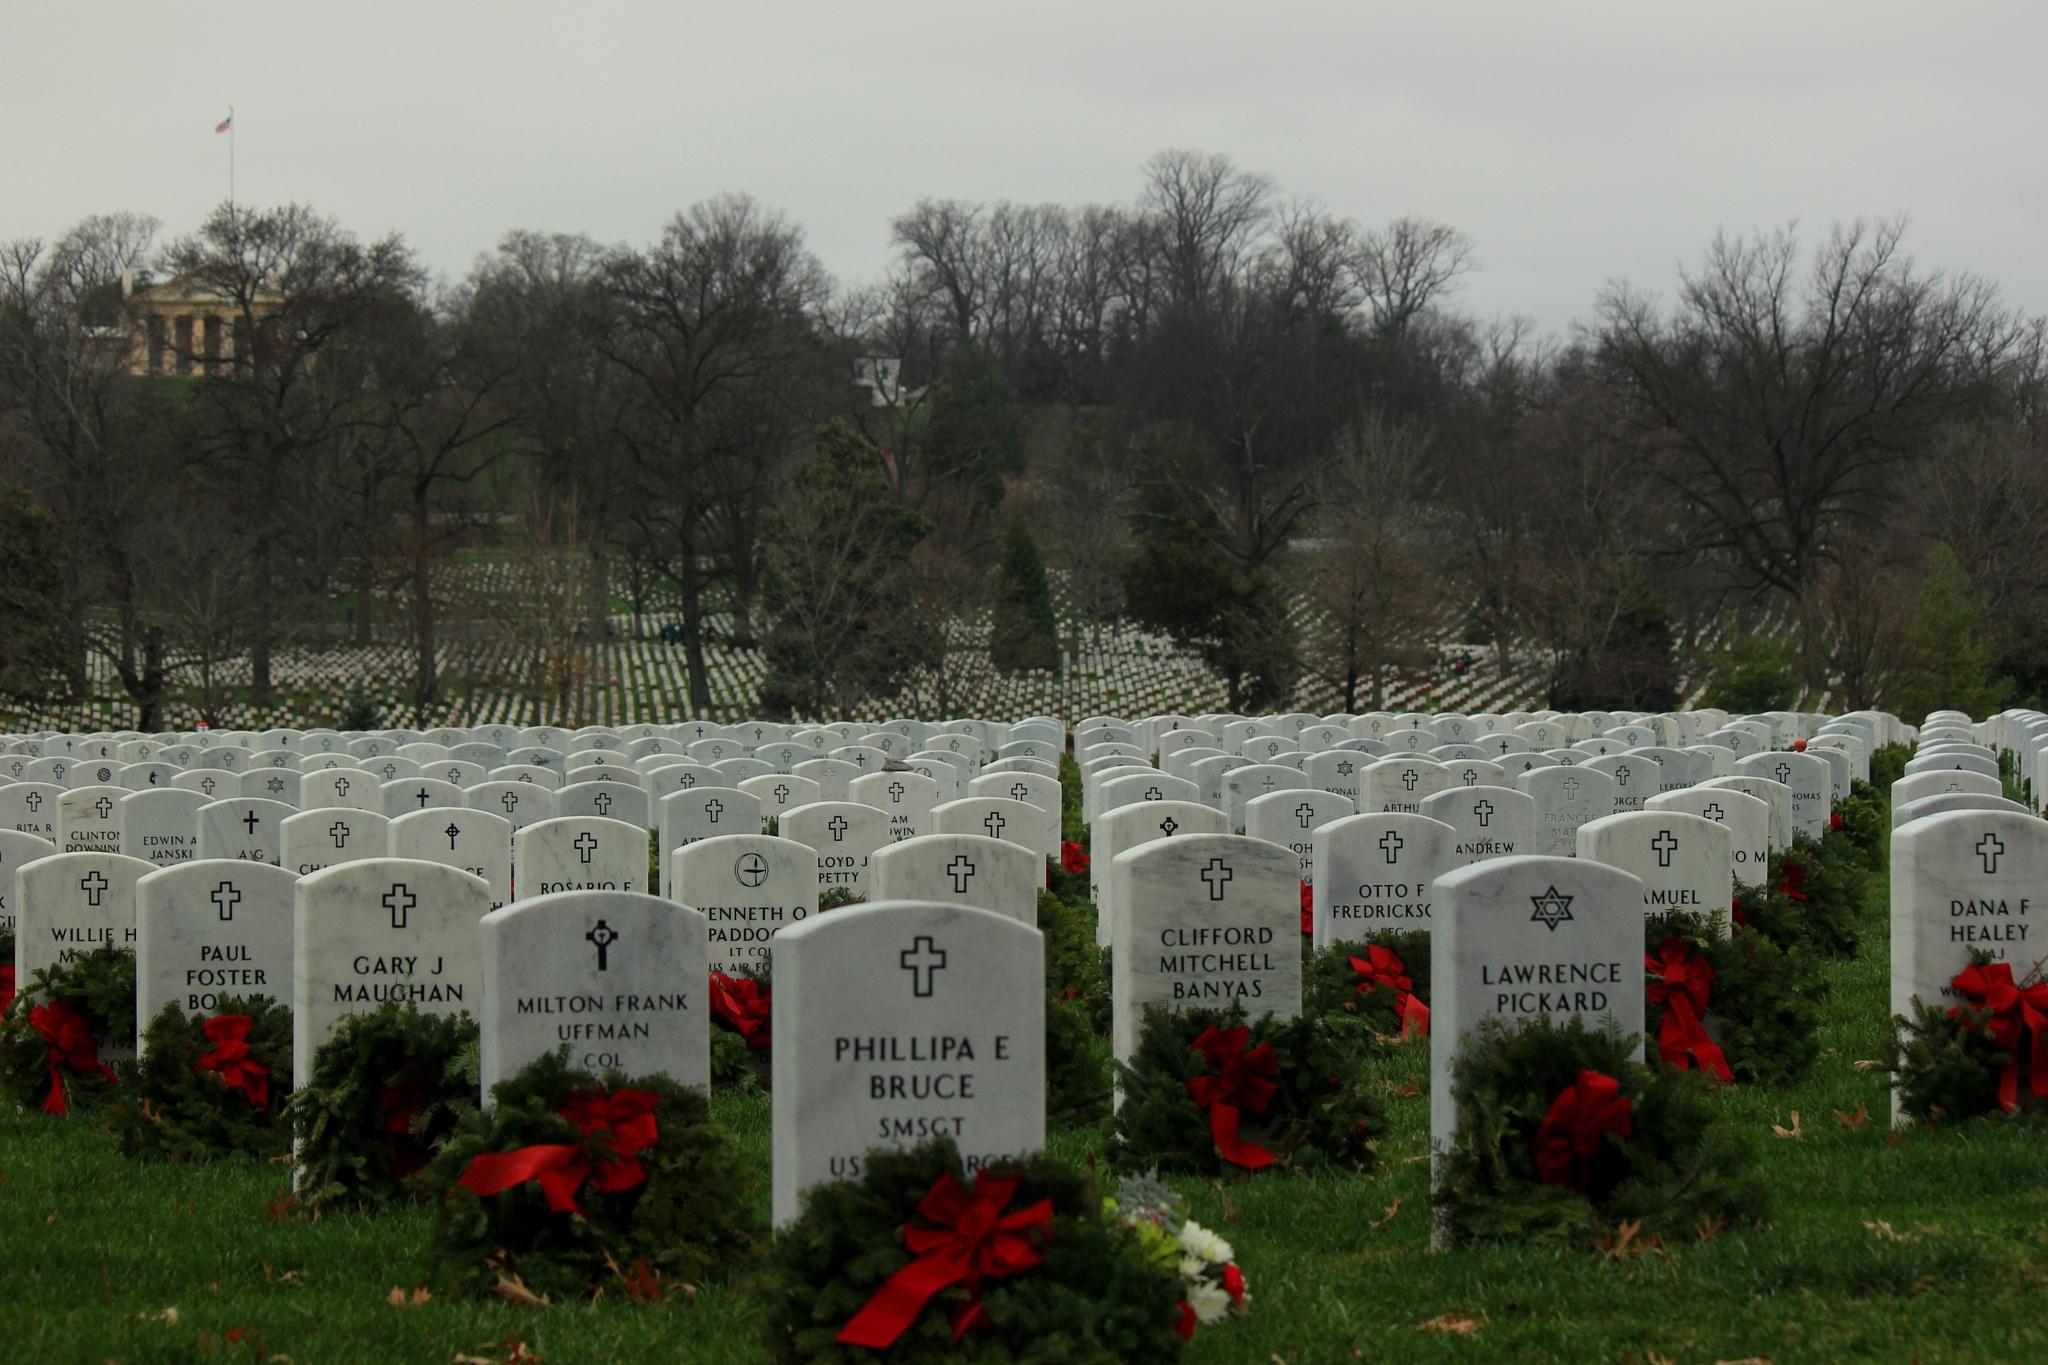 Wreaths in Arlington by paul sikorski